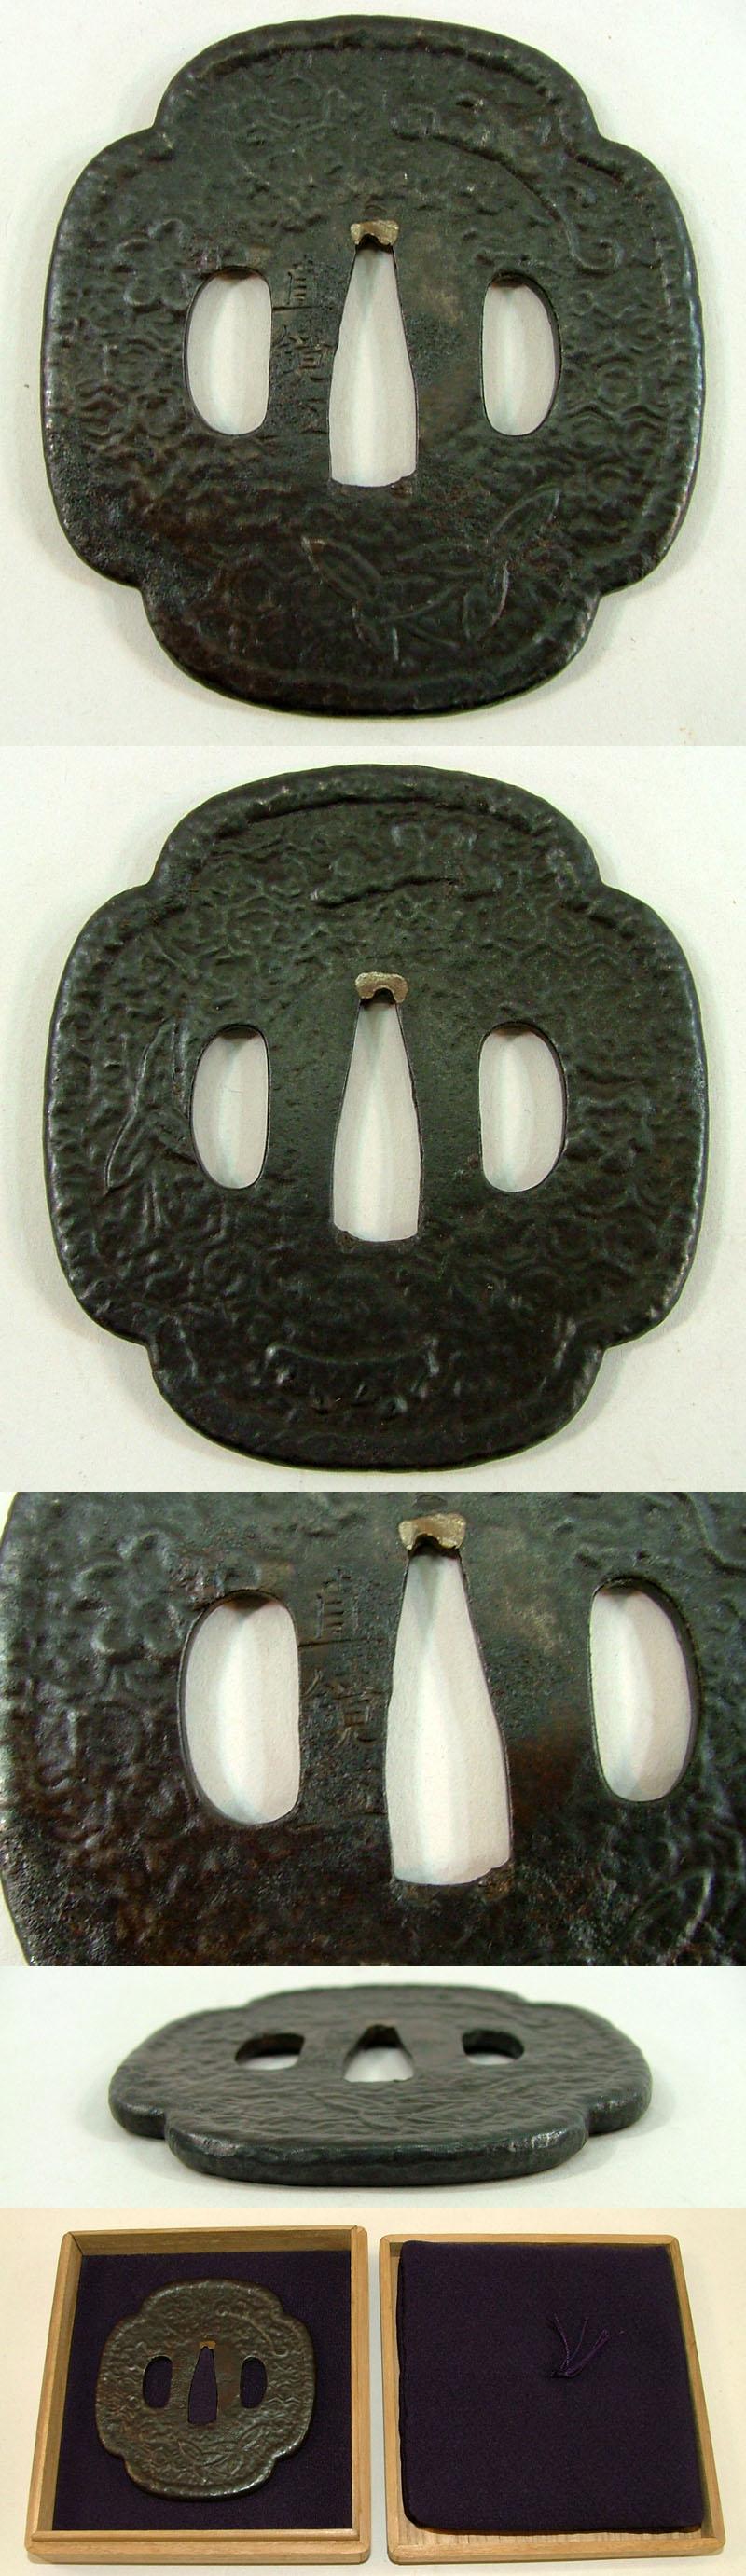 紋散亀甲繋図鐔 直鏡 Picture of parts